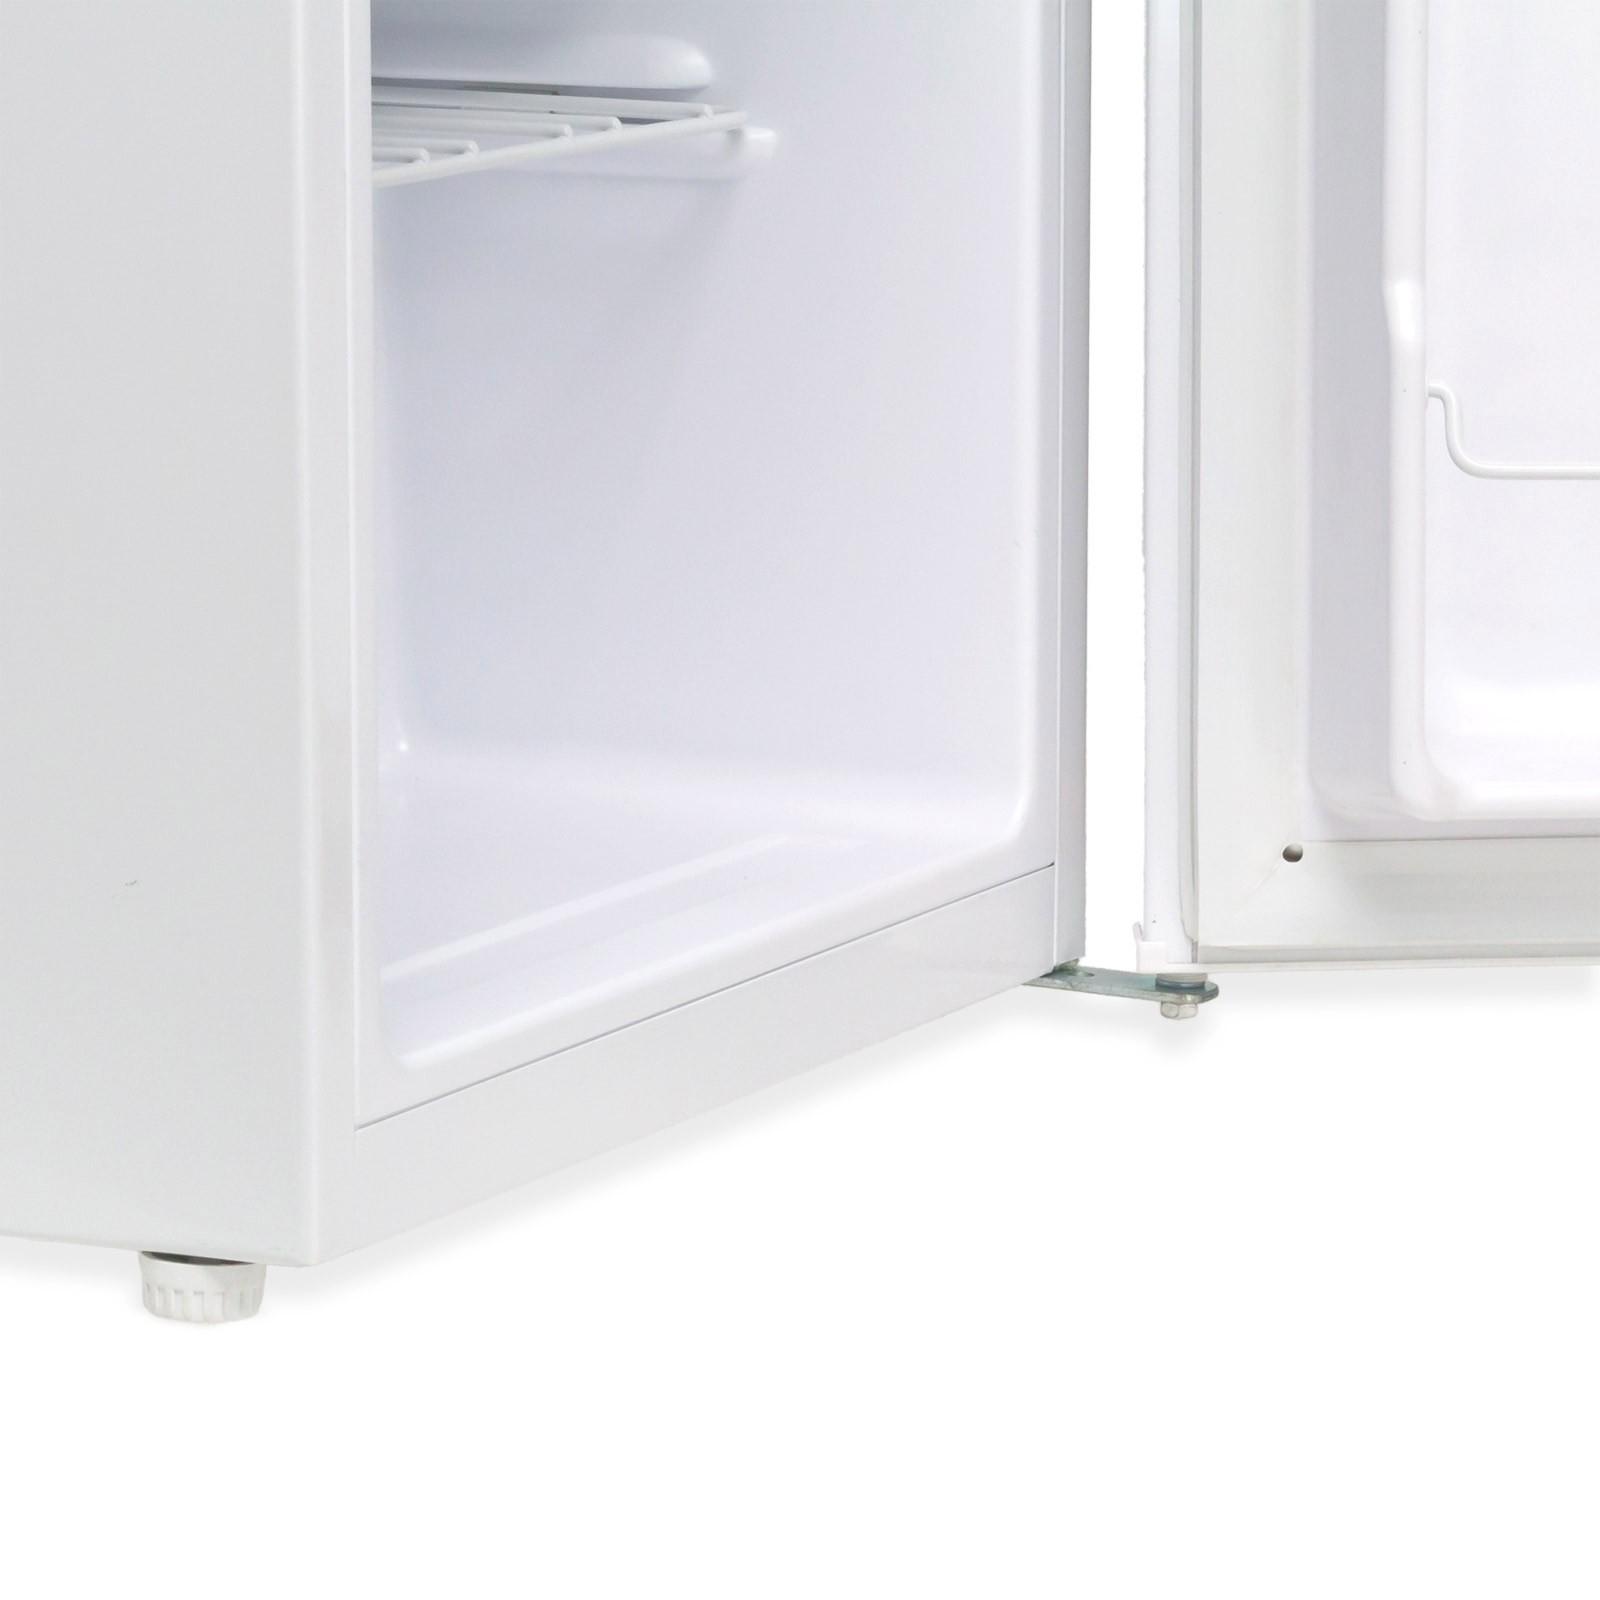 minik hlschrank k hlschrank partyk hlschrank minibar 47. Black Bedroom Furniture Sets. Home Design Ideas